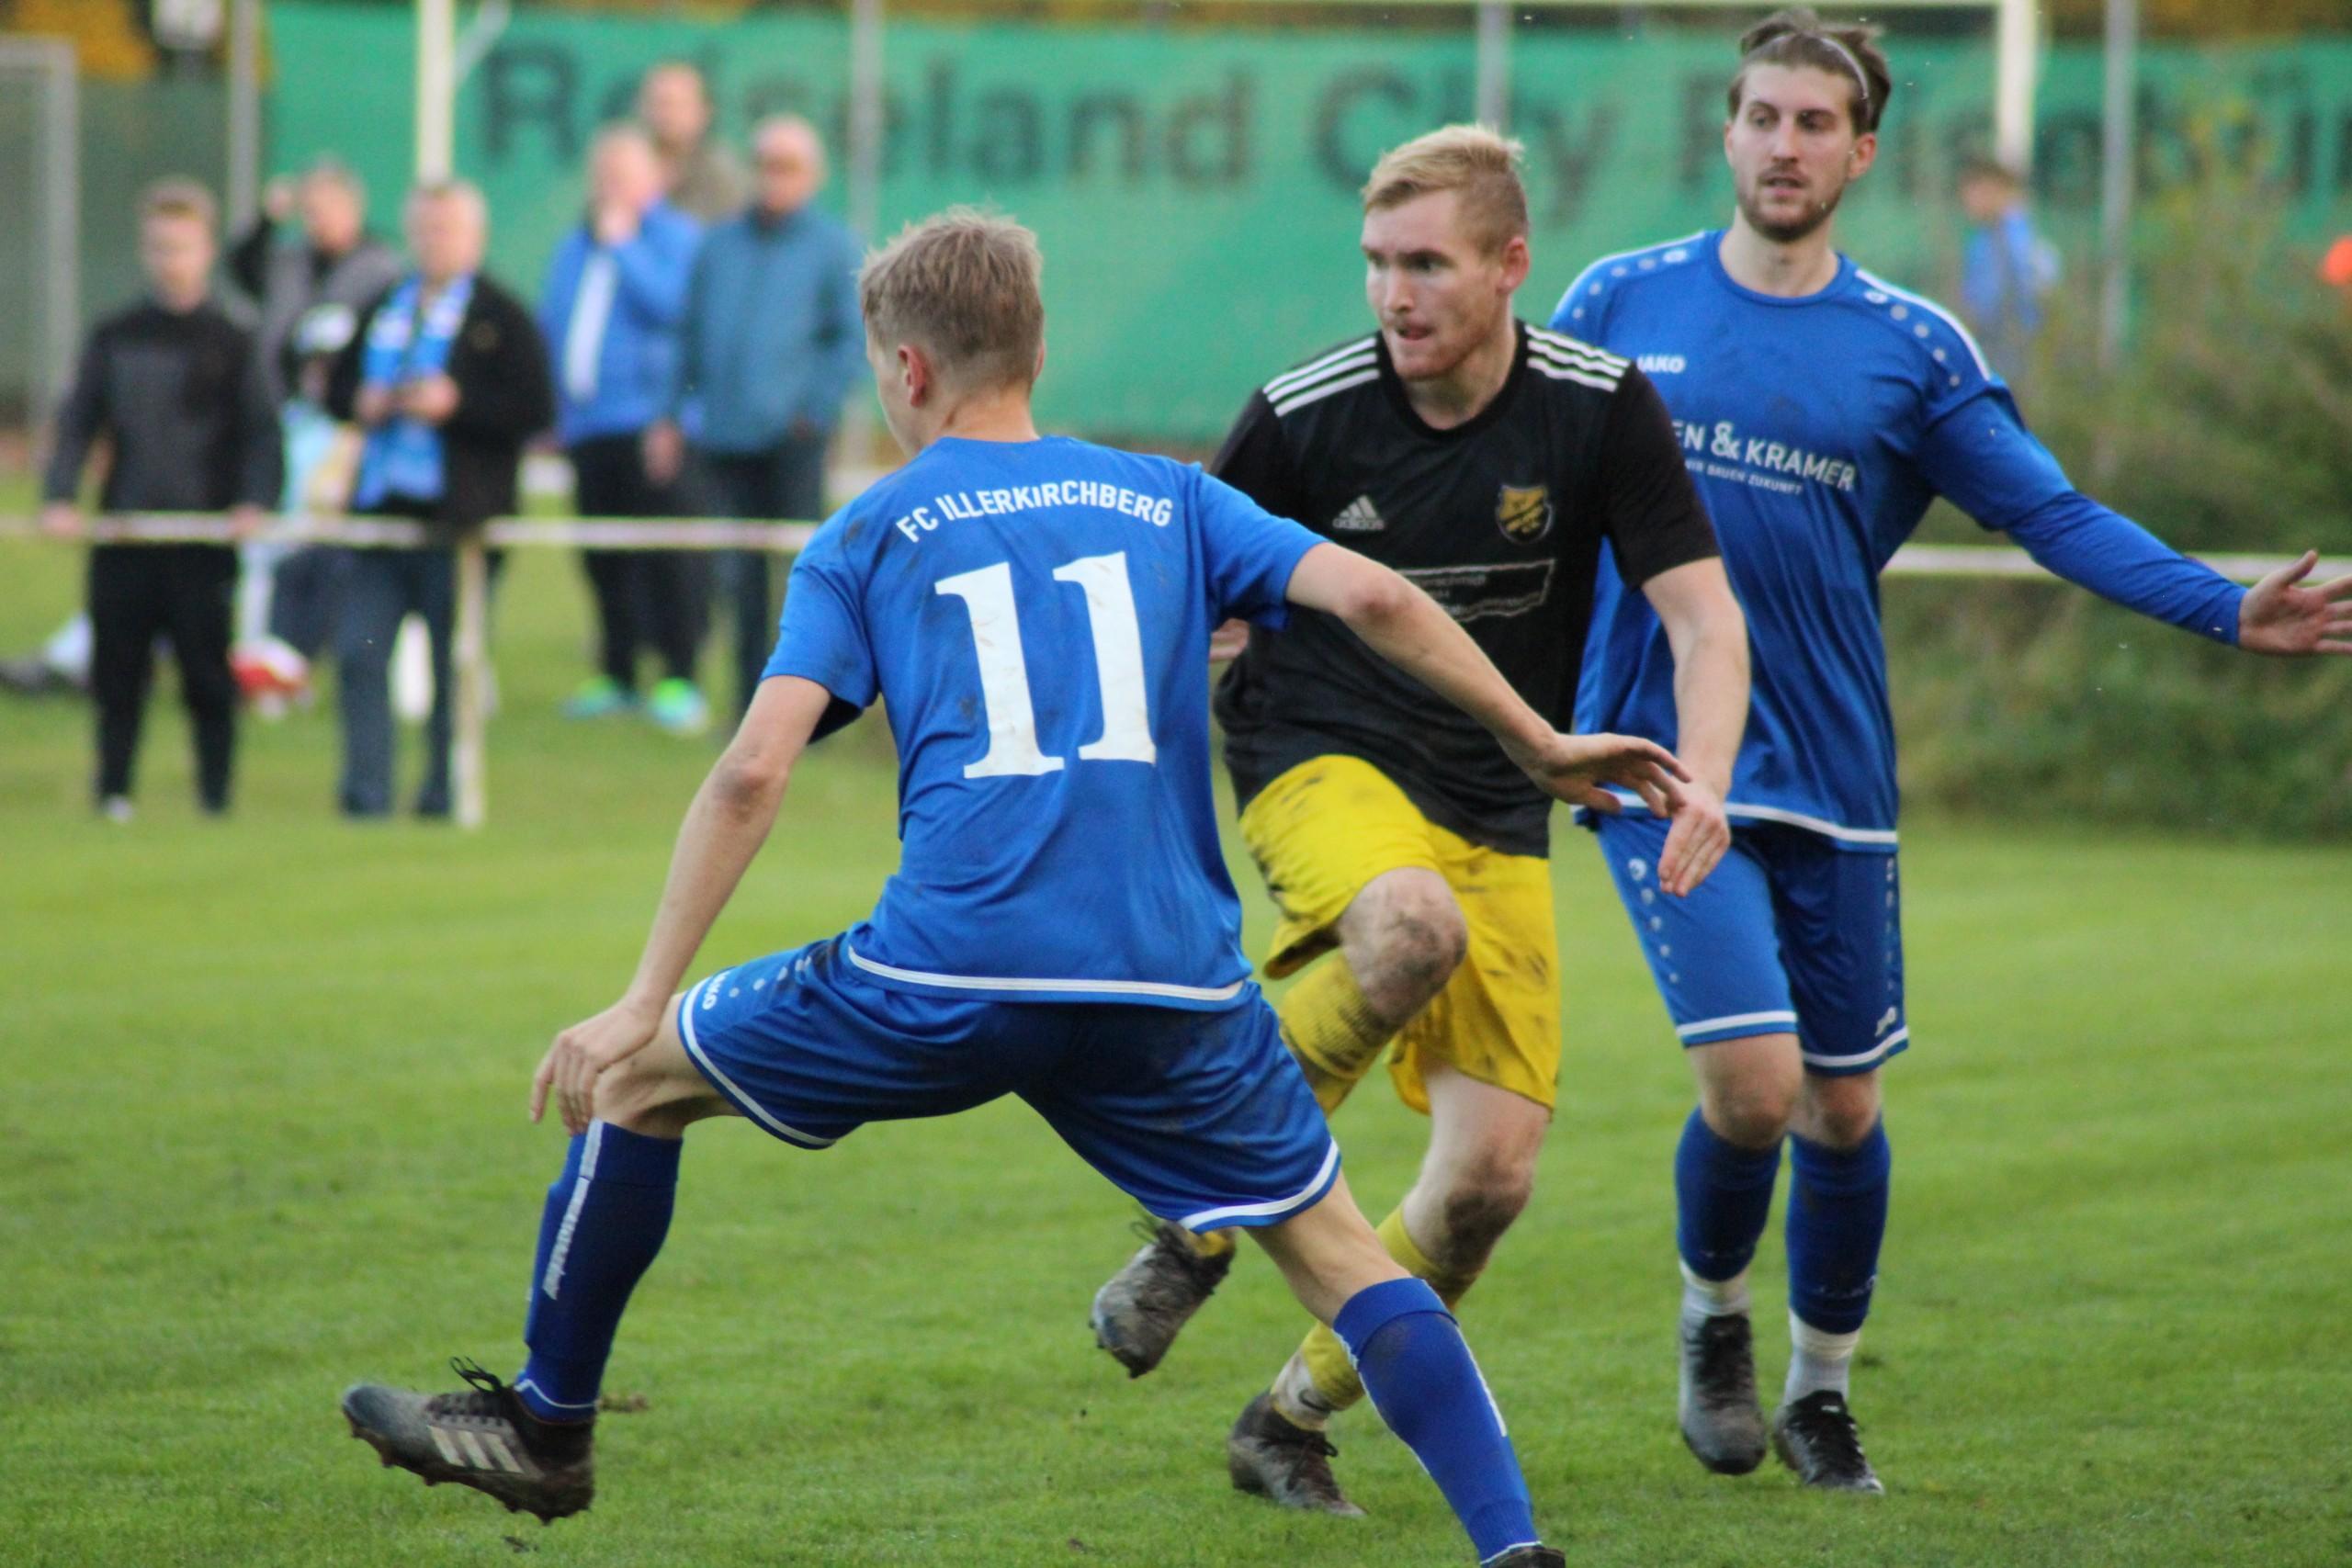 25.10.2020: FC Illerkirchberg ) - SV Beuren I 1:1 (0:0)